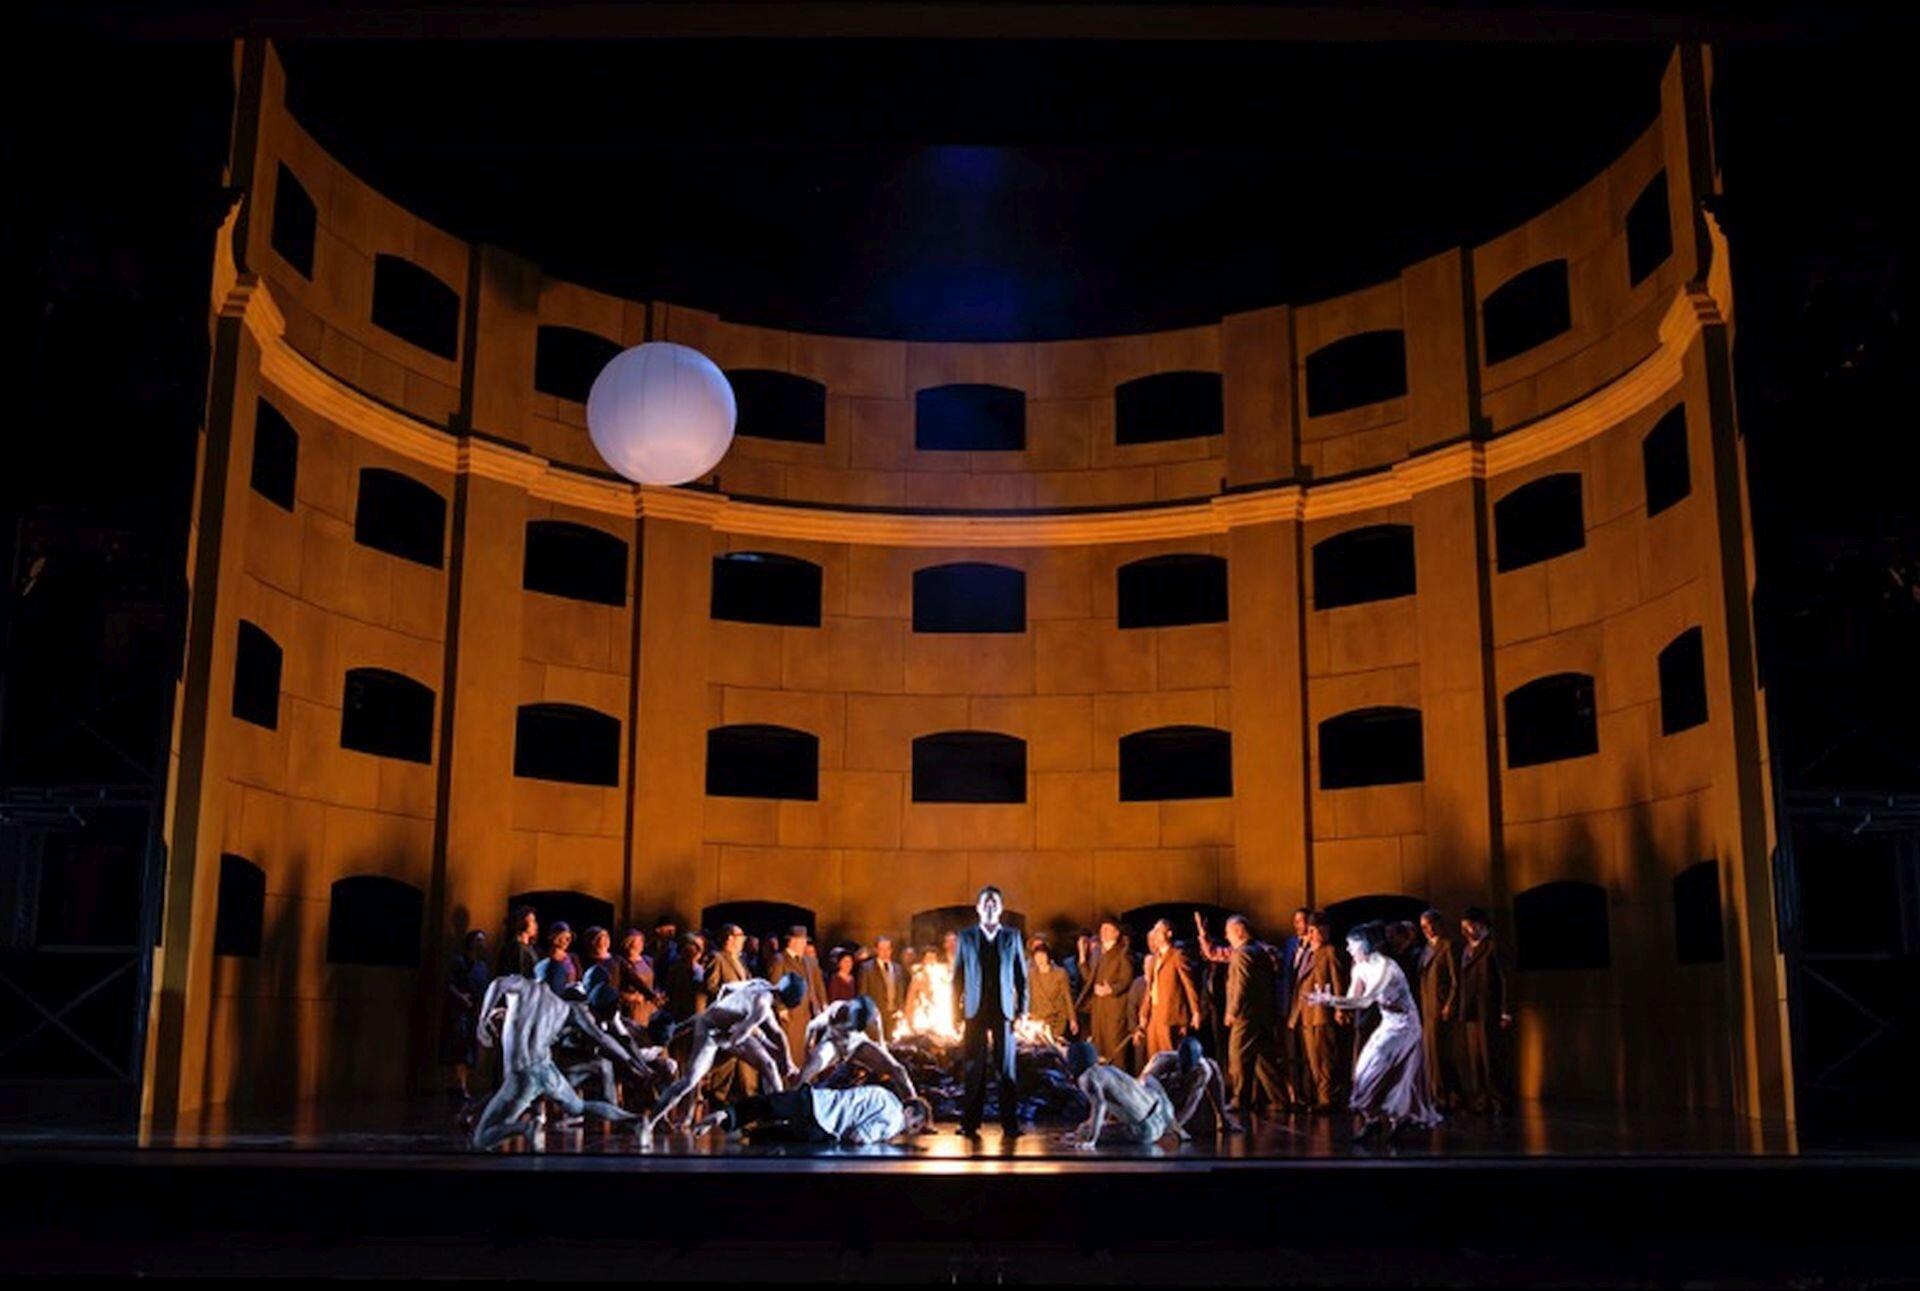 Ilustracja przedstawia operę pt. Król Roger. Autorem jest Karol Szymanowski. Na scenie znajdują się postaci biorące udział wprzedstawieniu. Na środku stoi mężczyzna wmarynarce, który wpatrzony jest wwidownię.